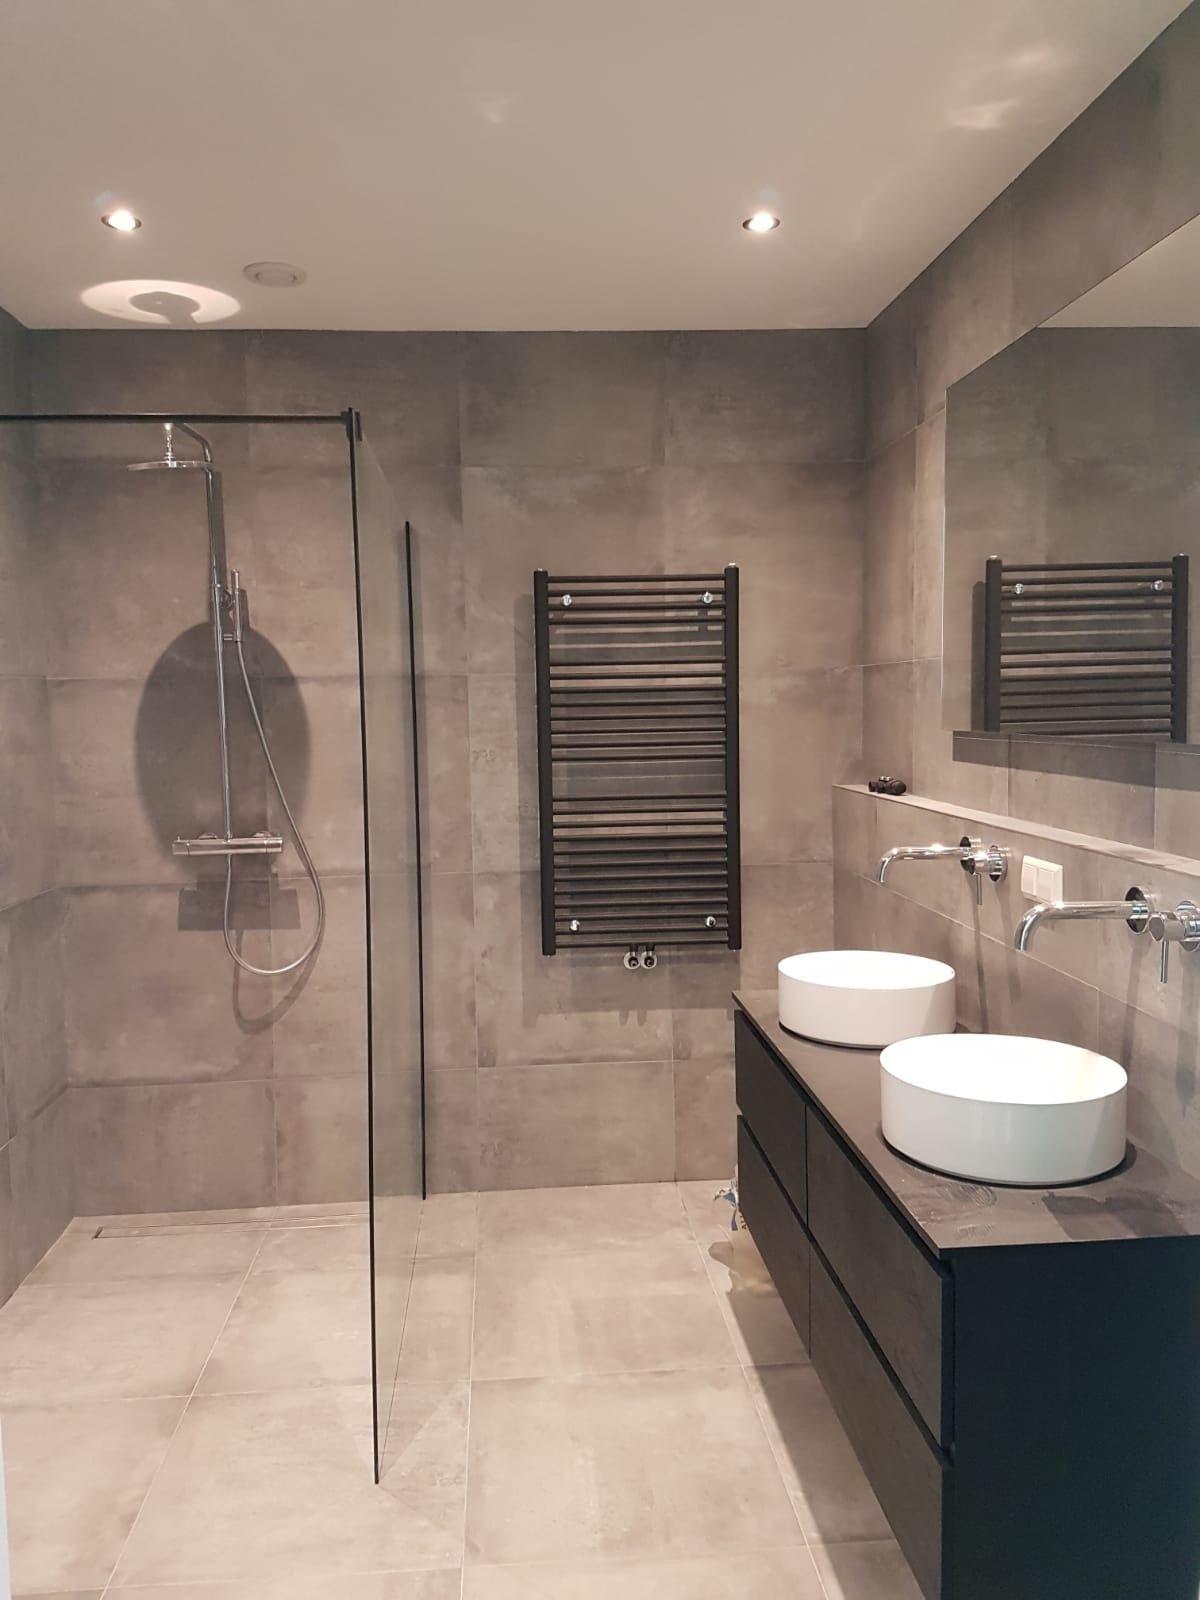 Ook uw badkamer verbouwen? Bel ons! #badkamerinspiratie